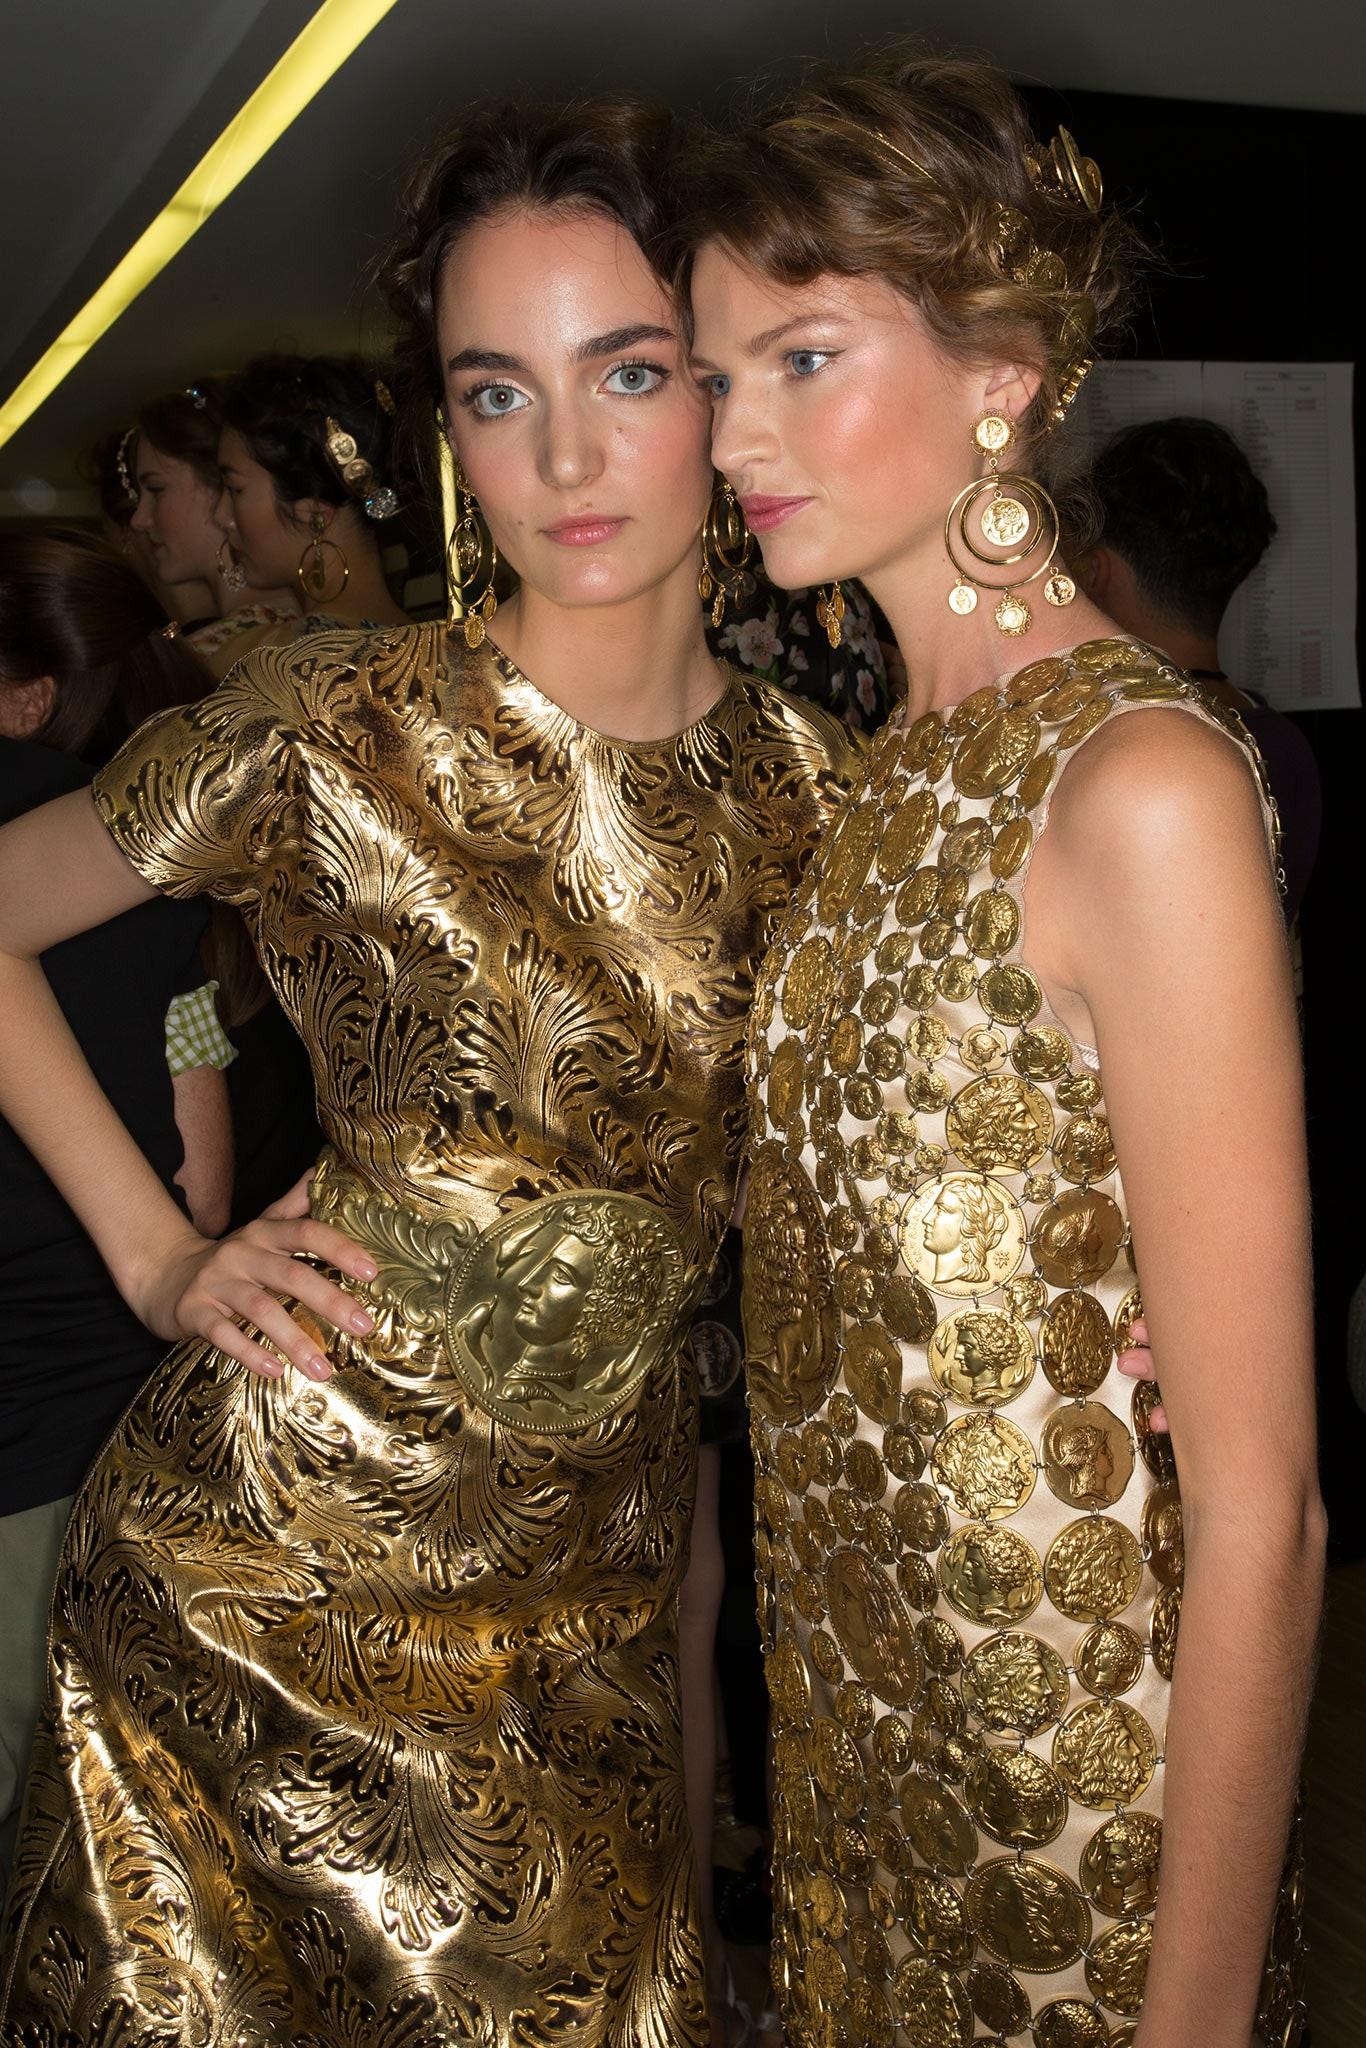 Atractivos vestidos femeninos con monedas estampadas _MIL6858.1366x2048